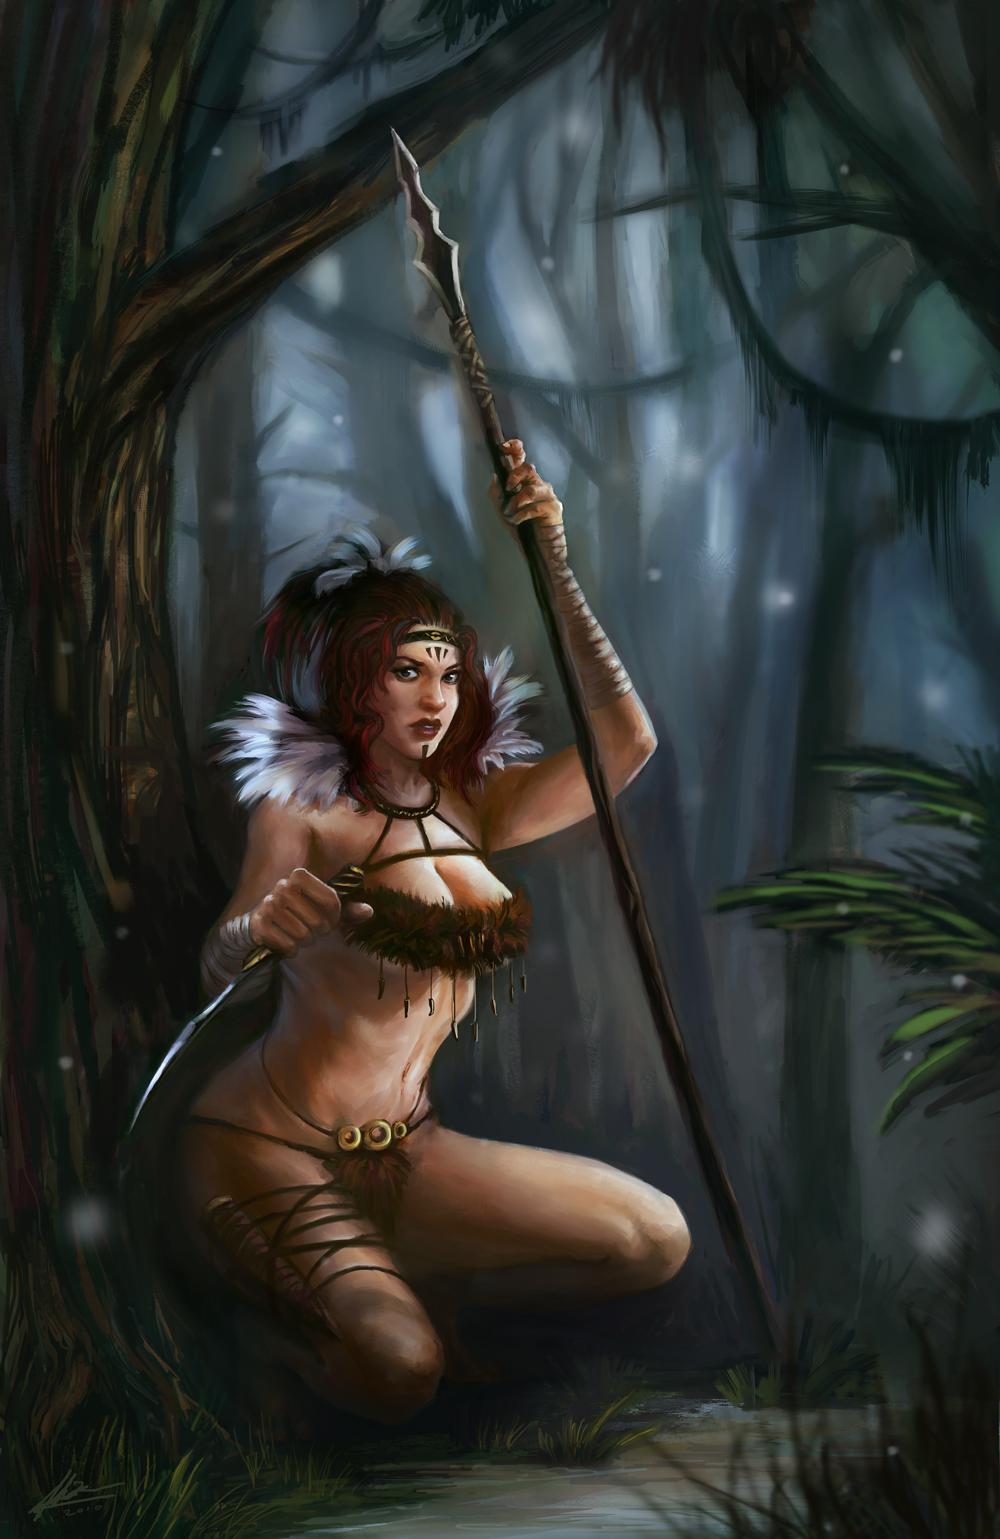 Drawn warrior amazon Amazon PaperPillow Amazon on Star